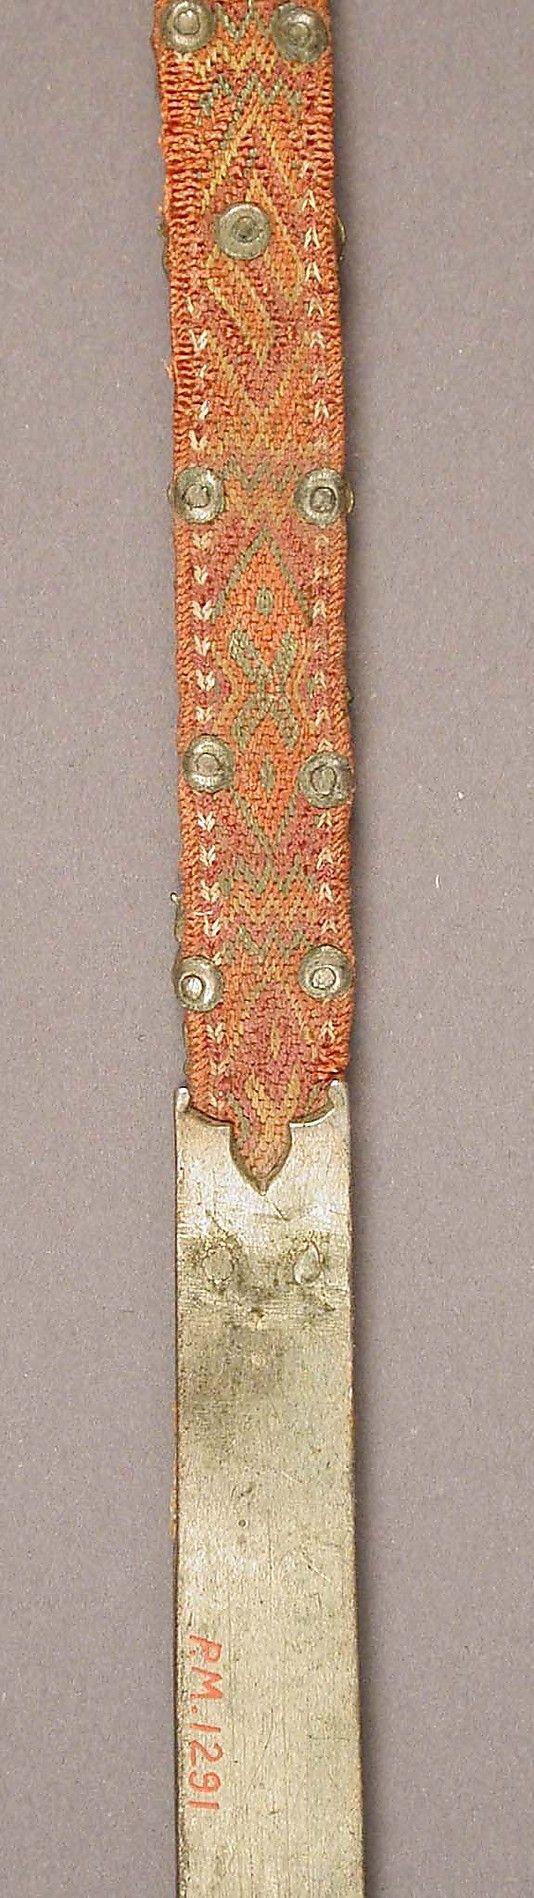 Girdle with Profiles of Half-Length Figures Ca. 1400 Italian    Date:      ca. 1400  Culture:      Italian